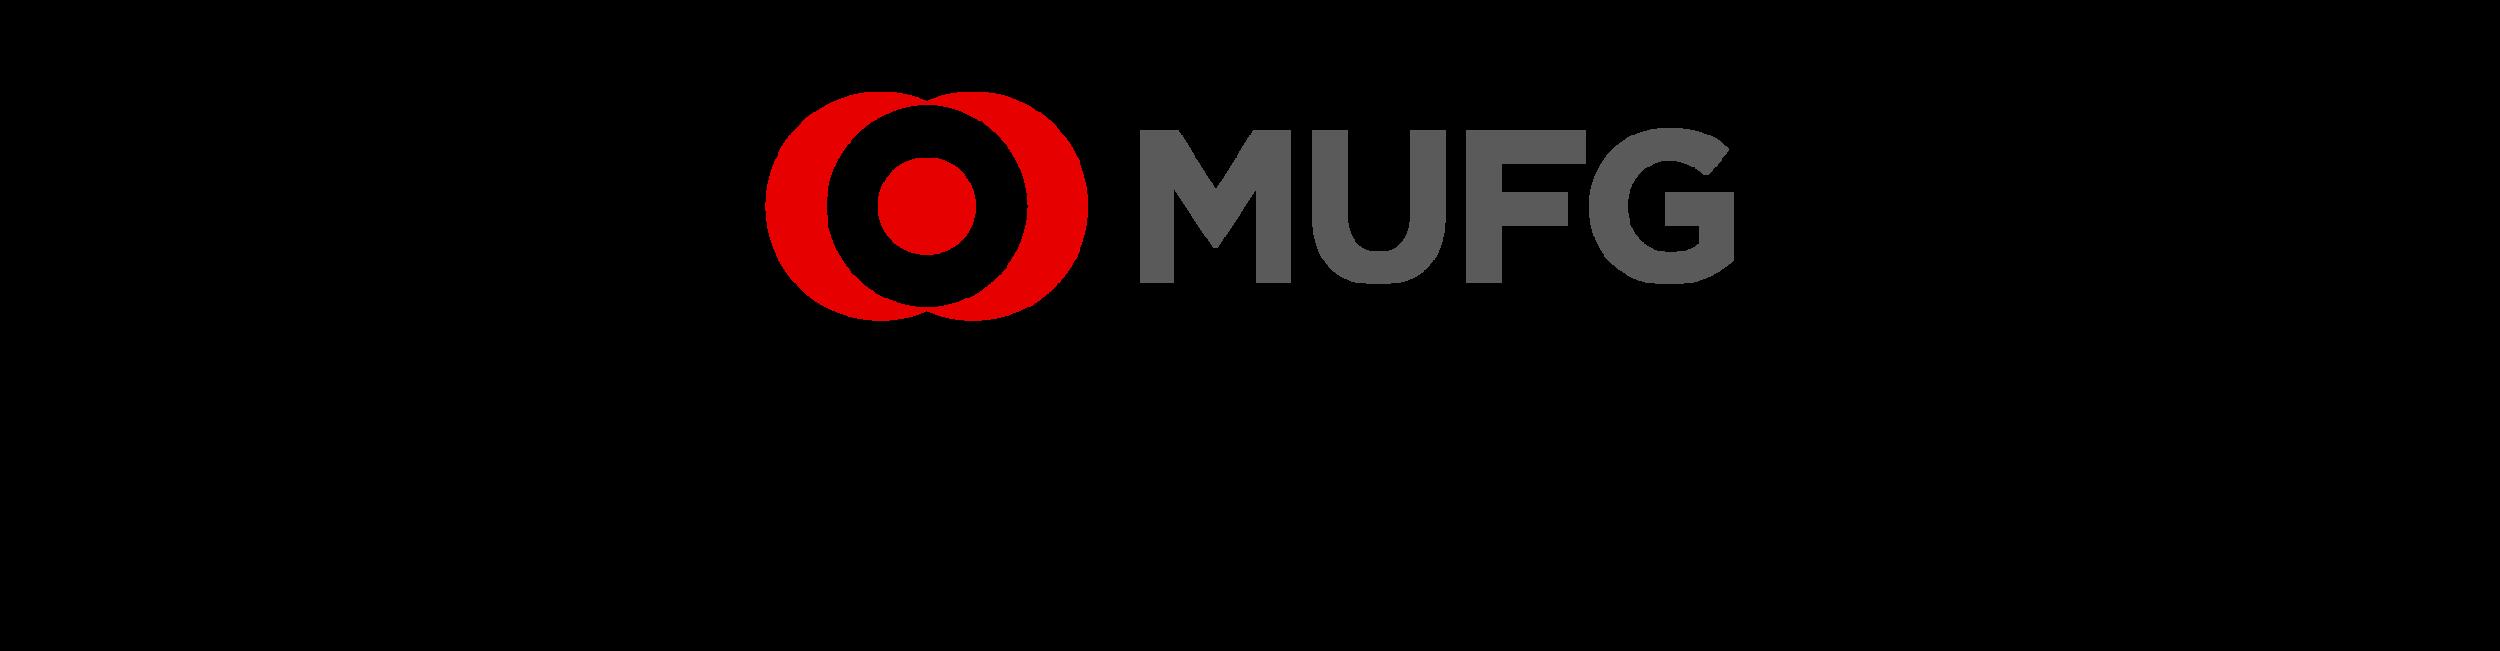 MUTB_logo.png